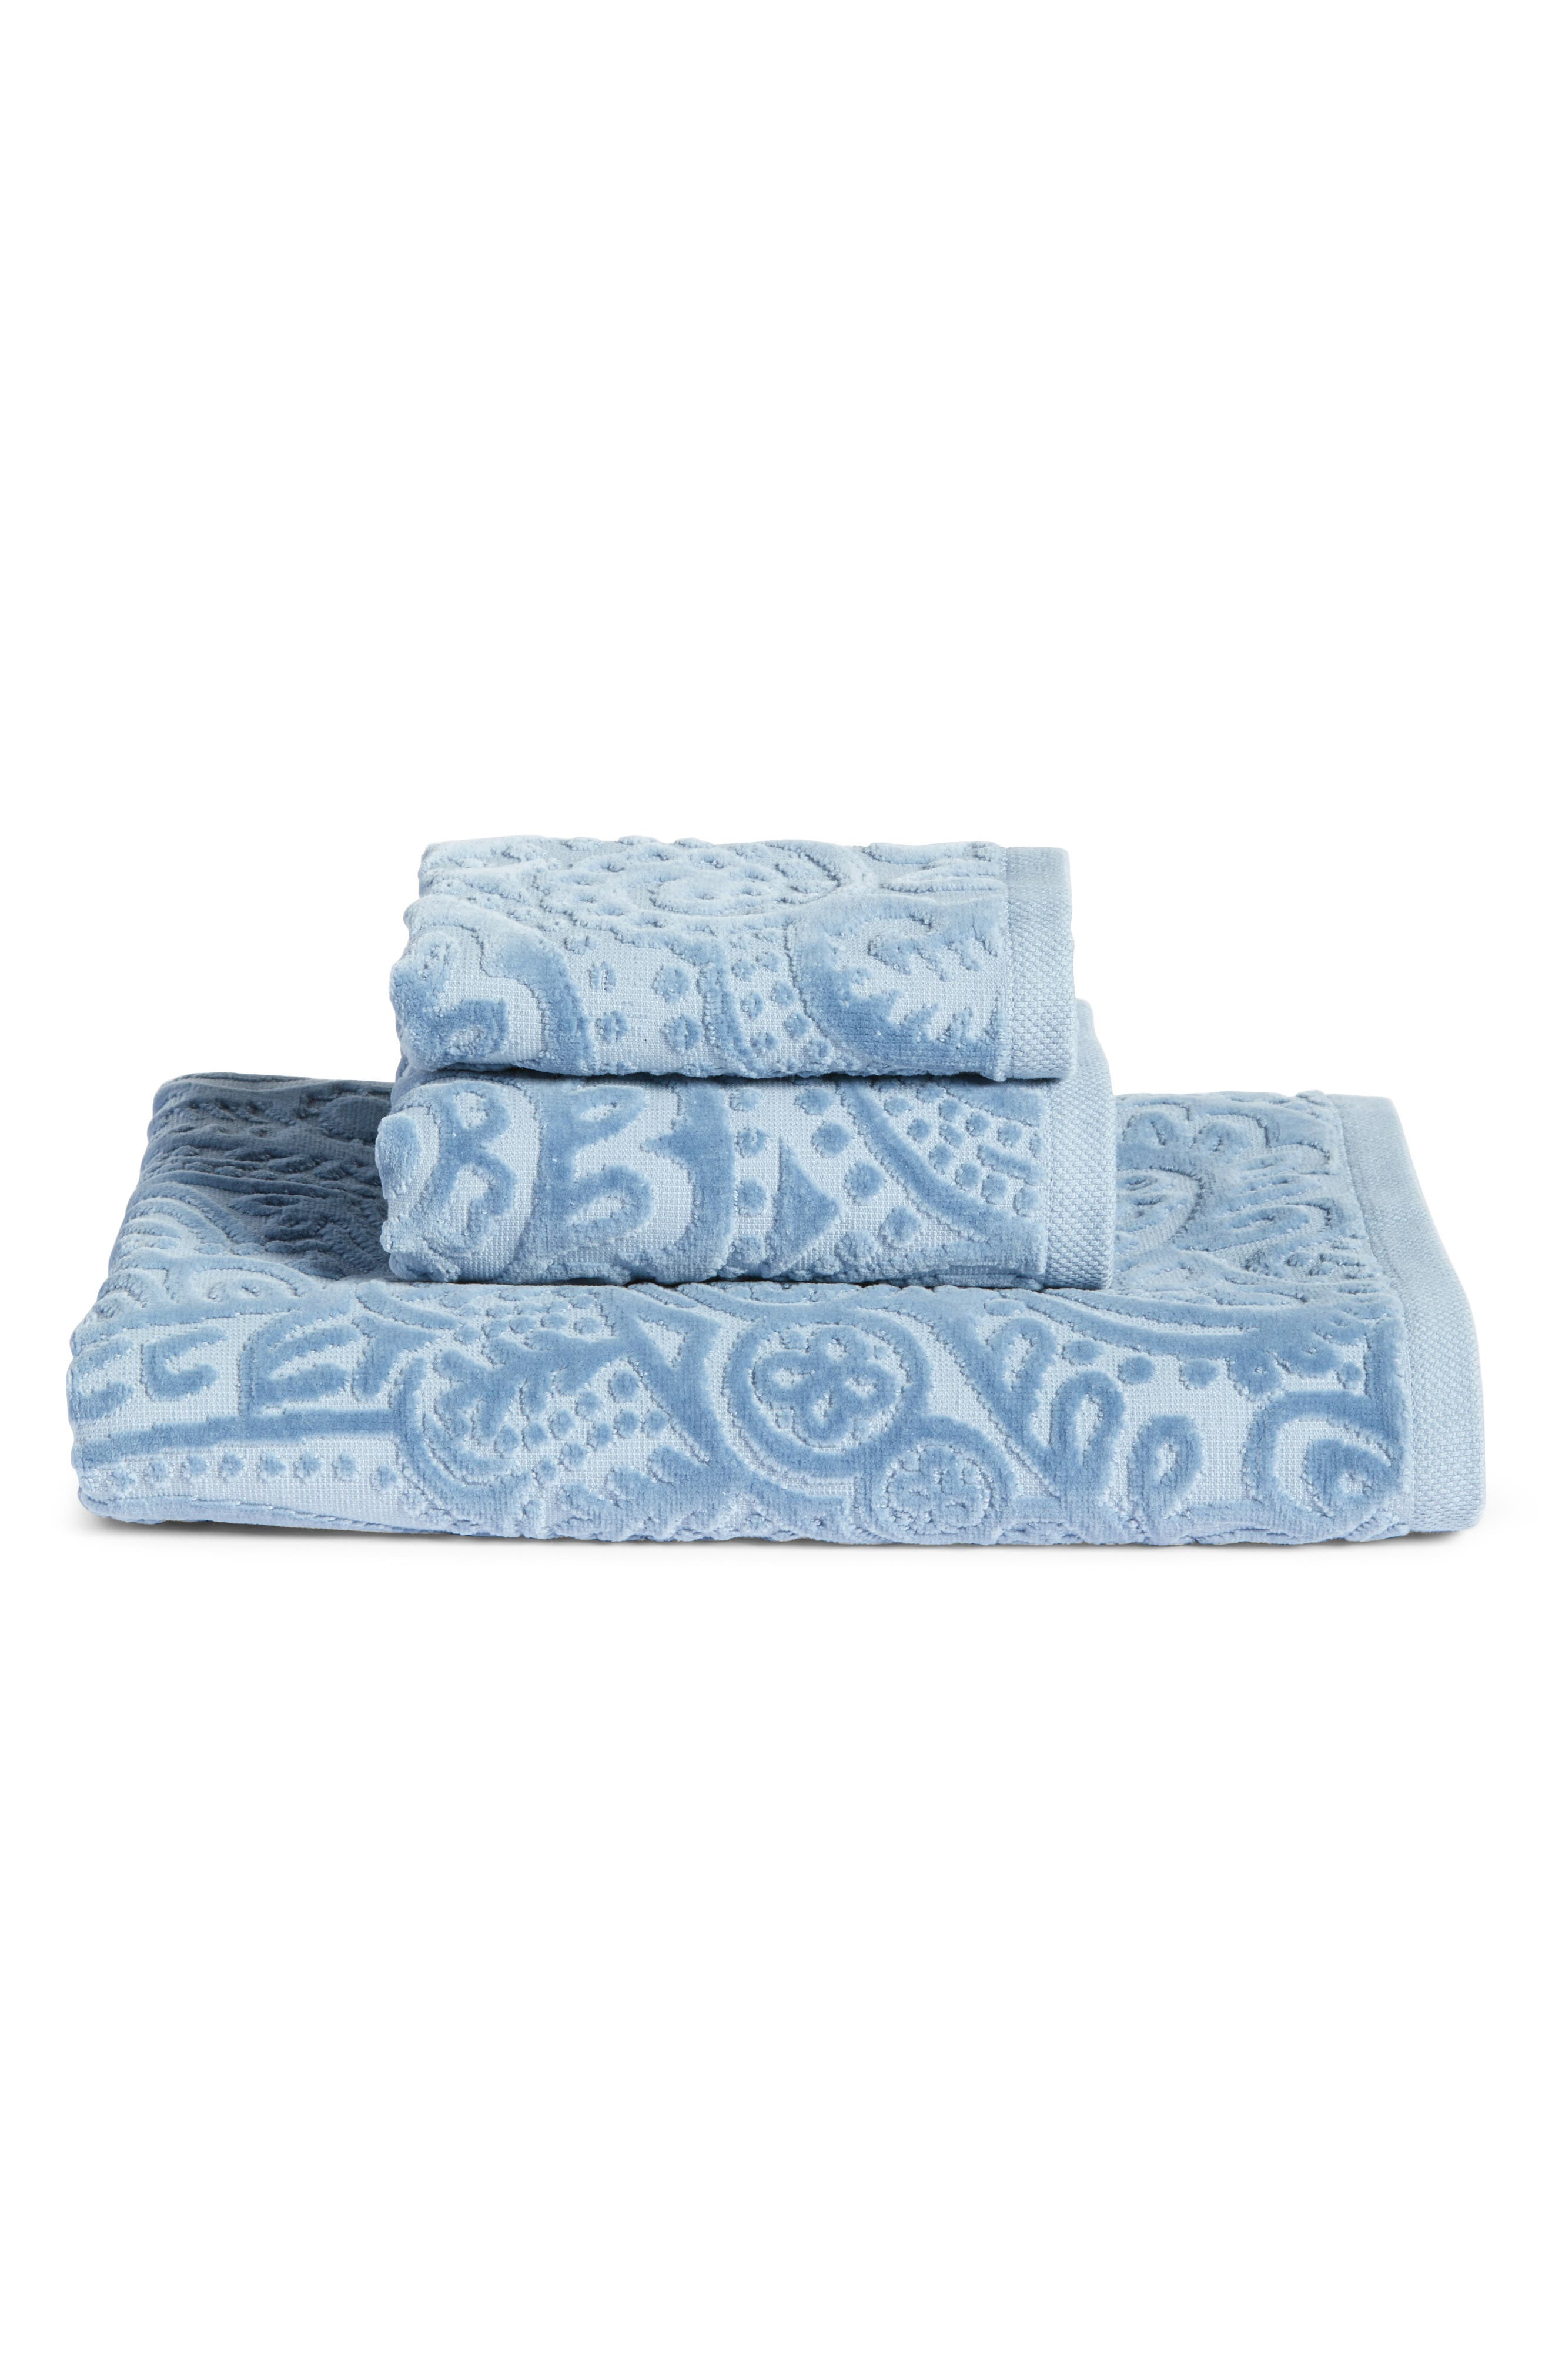 Alternate Image 3  - Nordstrom at Home Elisa Turkish Cotton Bath Towel (2 for $49)